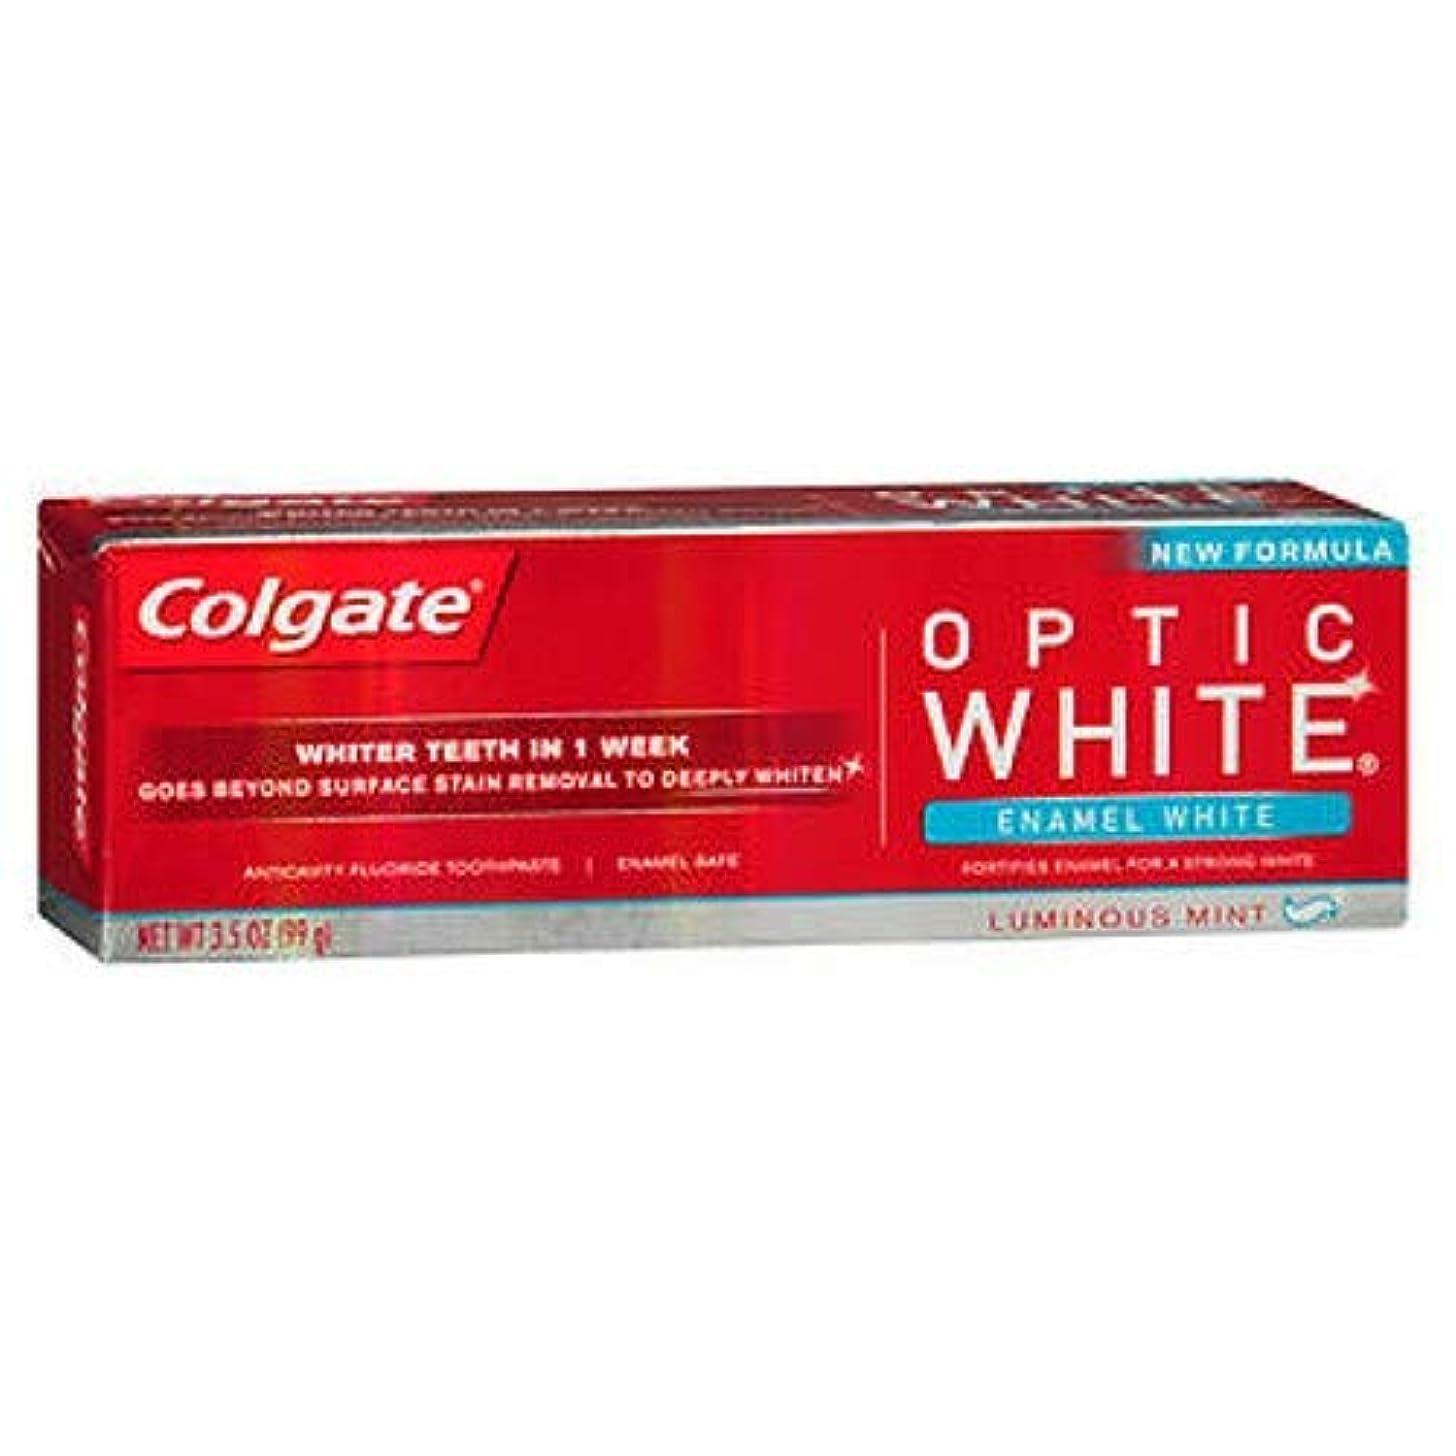 飾るささやき均等にColgate オプティックホワイト虫歯予防フッ素の歯磨き粉、エナメルホワイト、ルミナスミント3.5オンス(3パック) 3パック